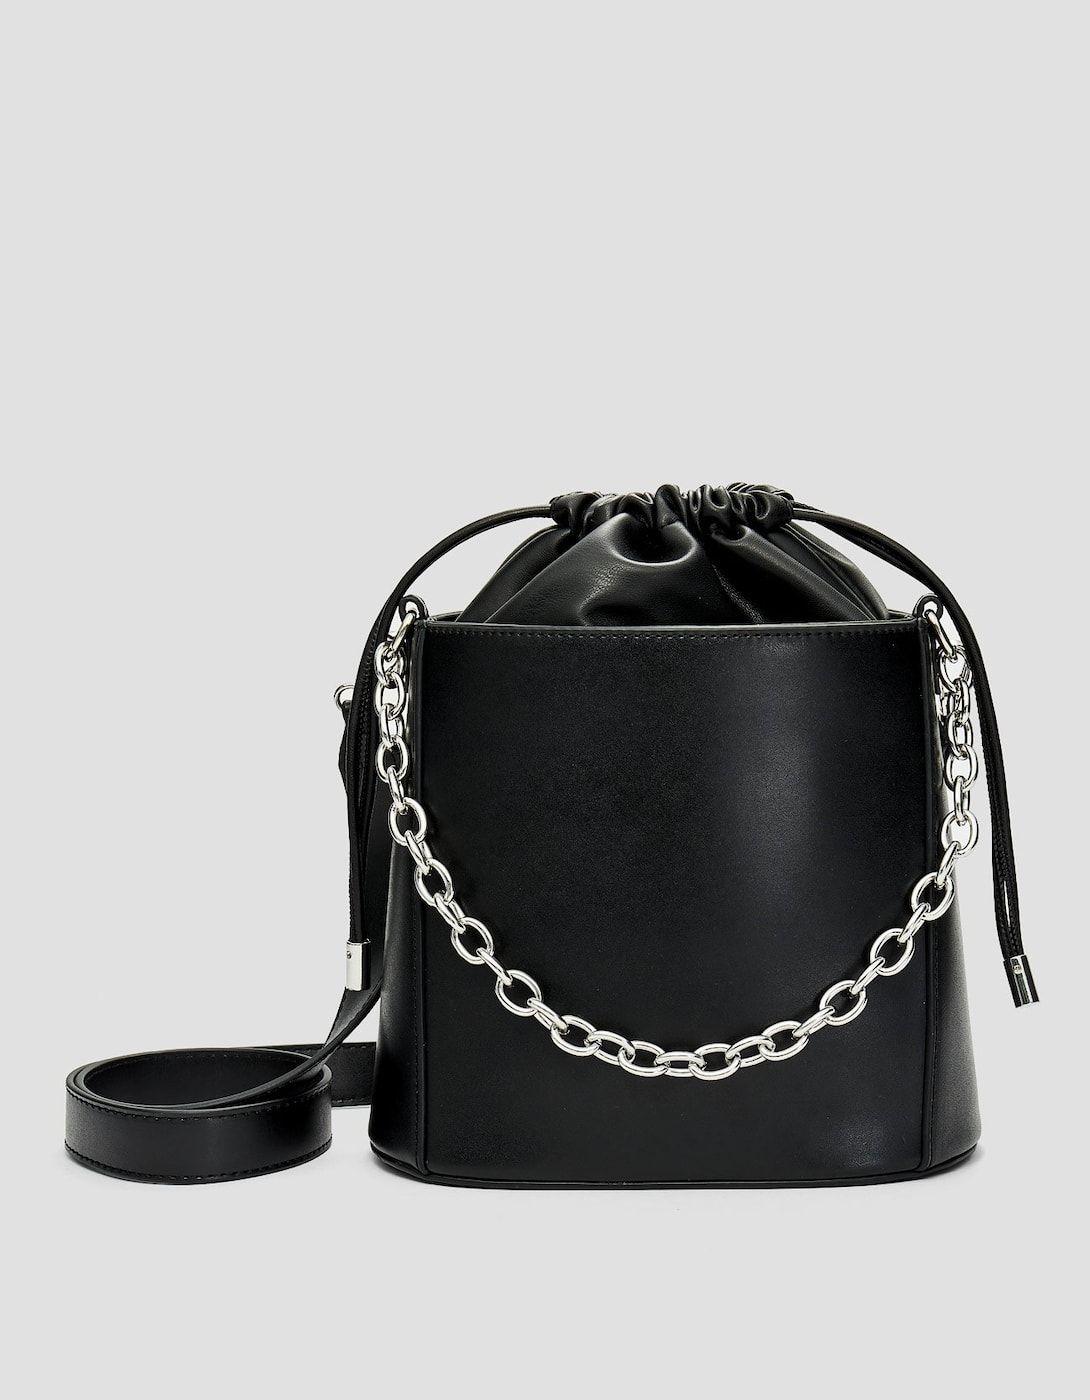 fd0b115163a8c Zincirli askılı bucket çanta - Çanta - Sırt Çantası | Stradivarius Türkiye